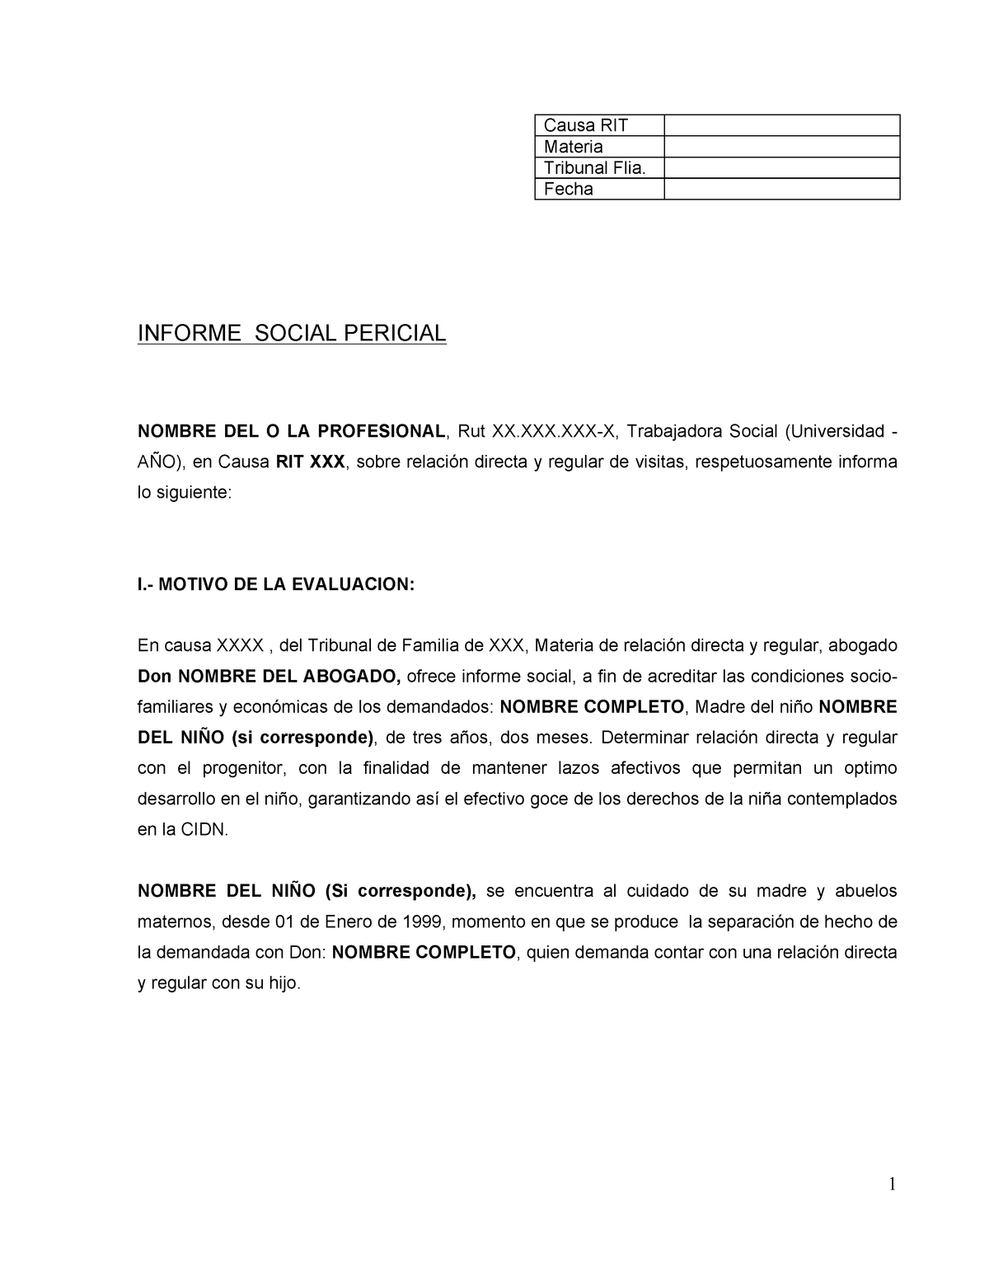 ejemplo de informe pericial que explica qué elementos debe tener el documento